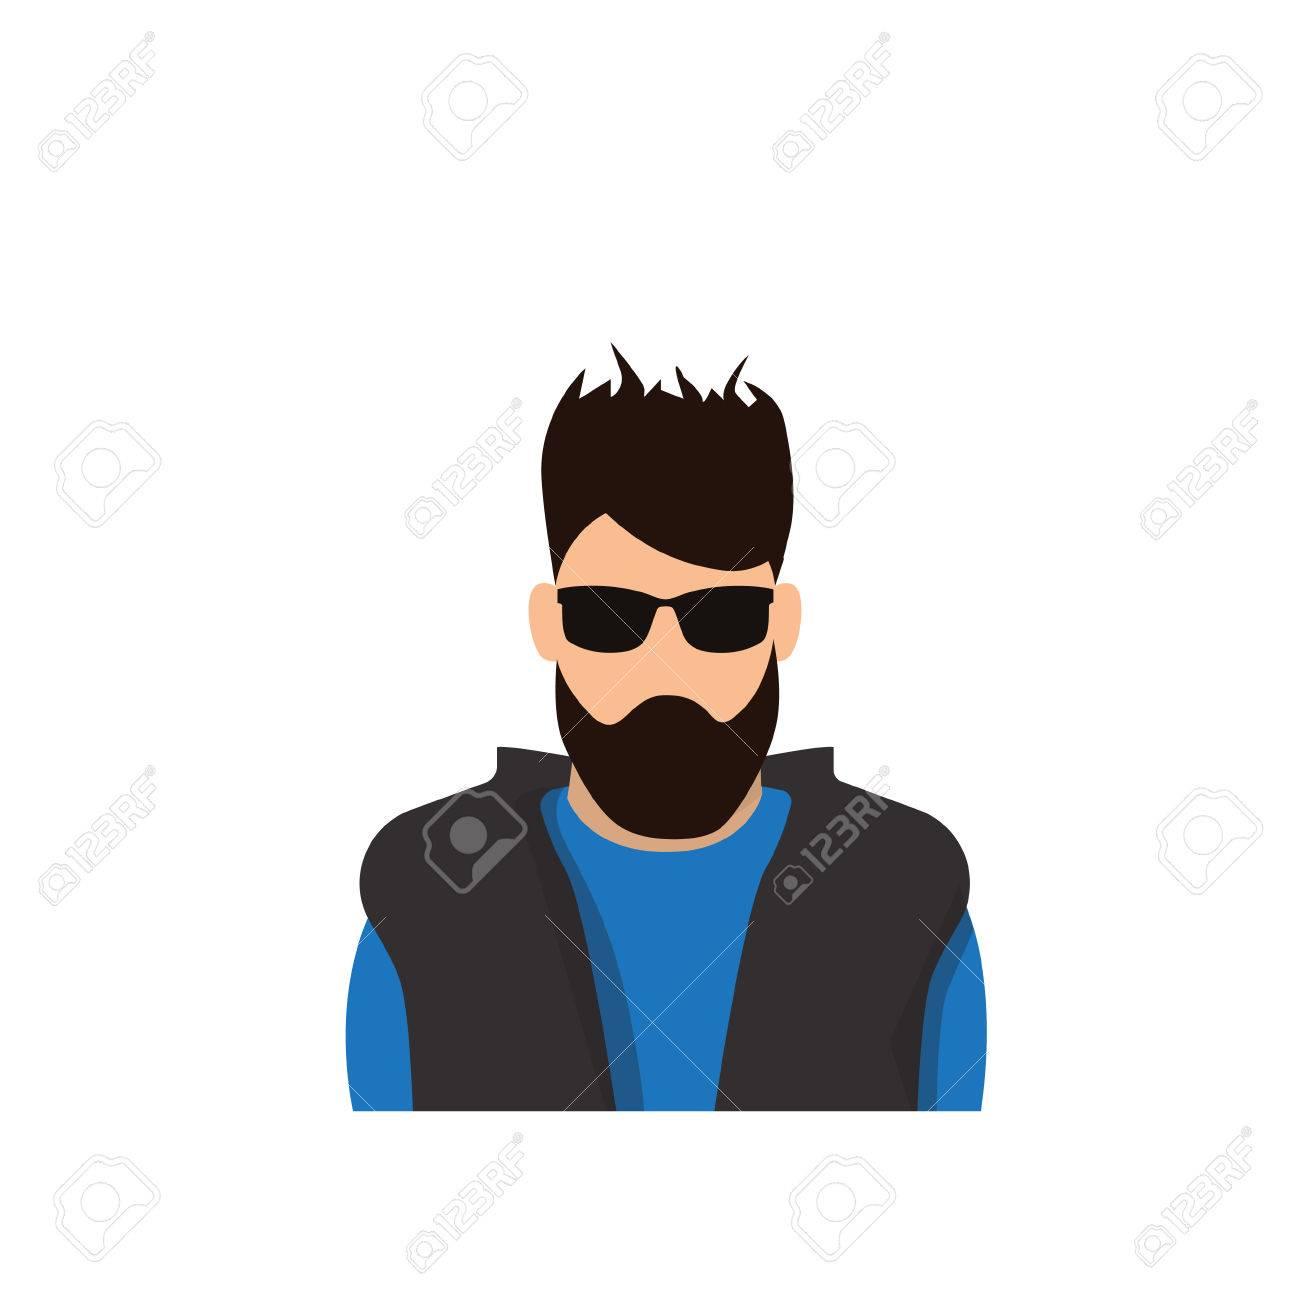 67775788-ic%C3%B4ne-de-profil-homme-homme-avatar-hipster-portrait-de-barbe-guy-personne-occasionnelle-silhouette-visa.jpg